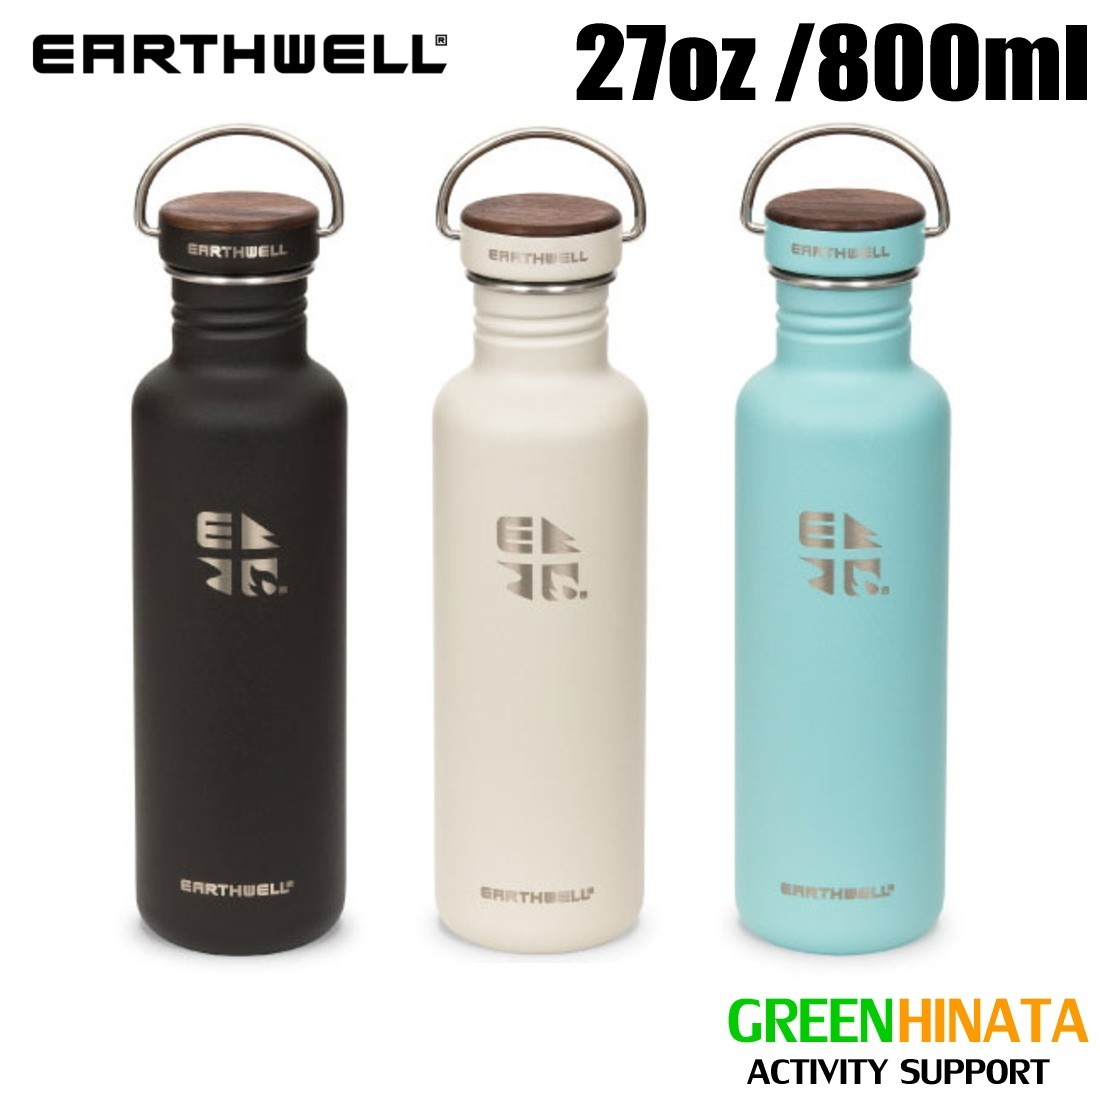 アースウェル ウッディーボトル 27oz ウォールナット 軽量シングル 保温機能なし ボトル 水筒  国内正規品